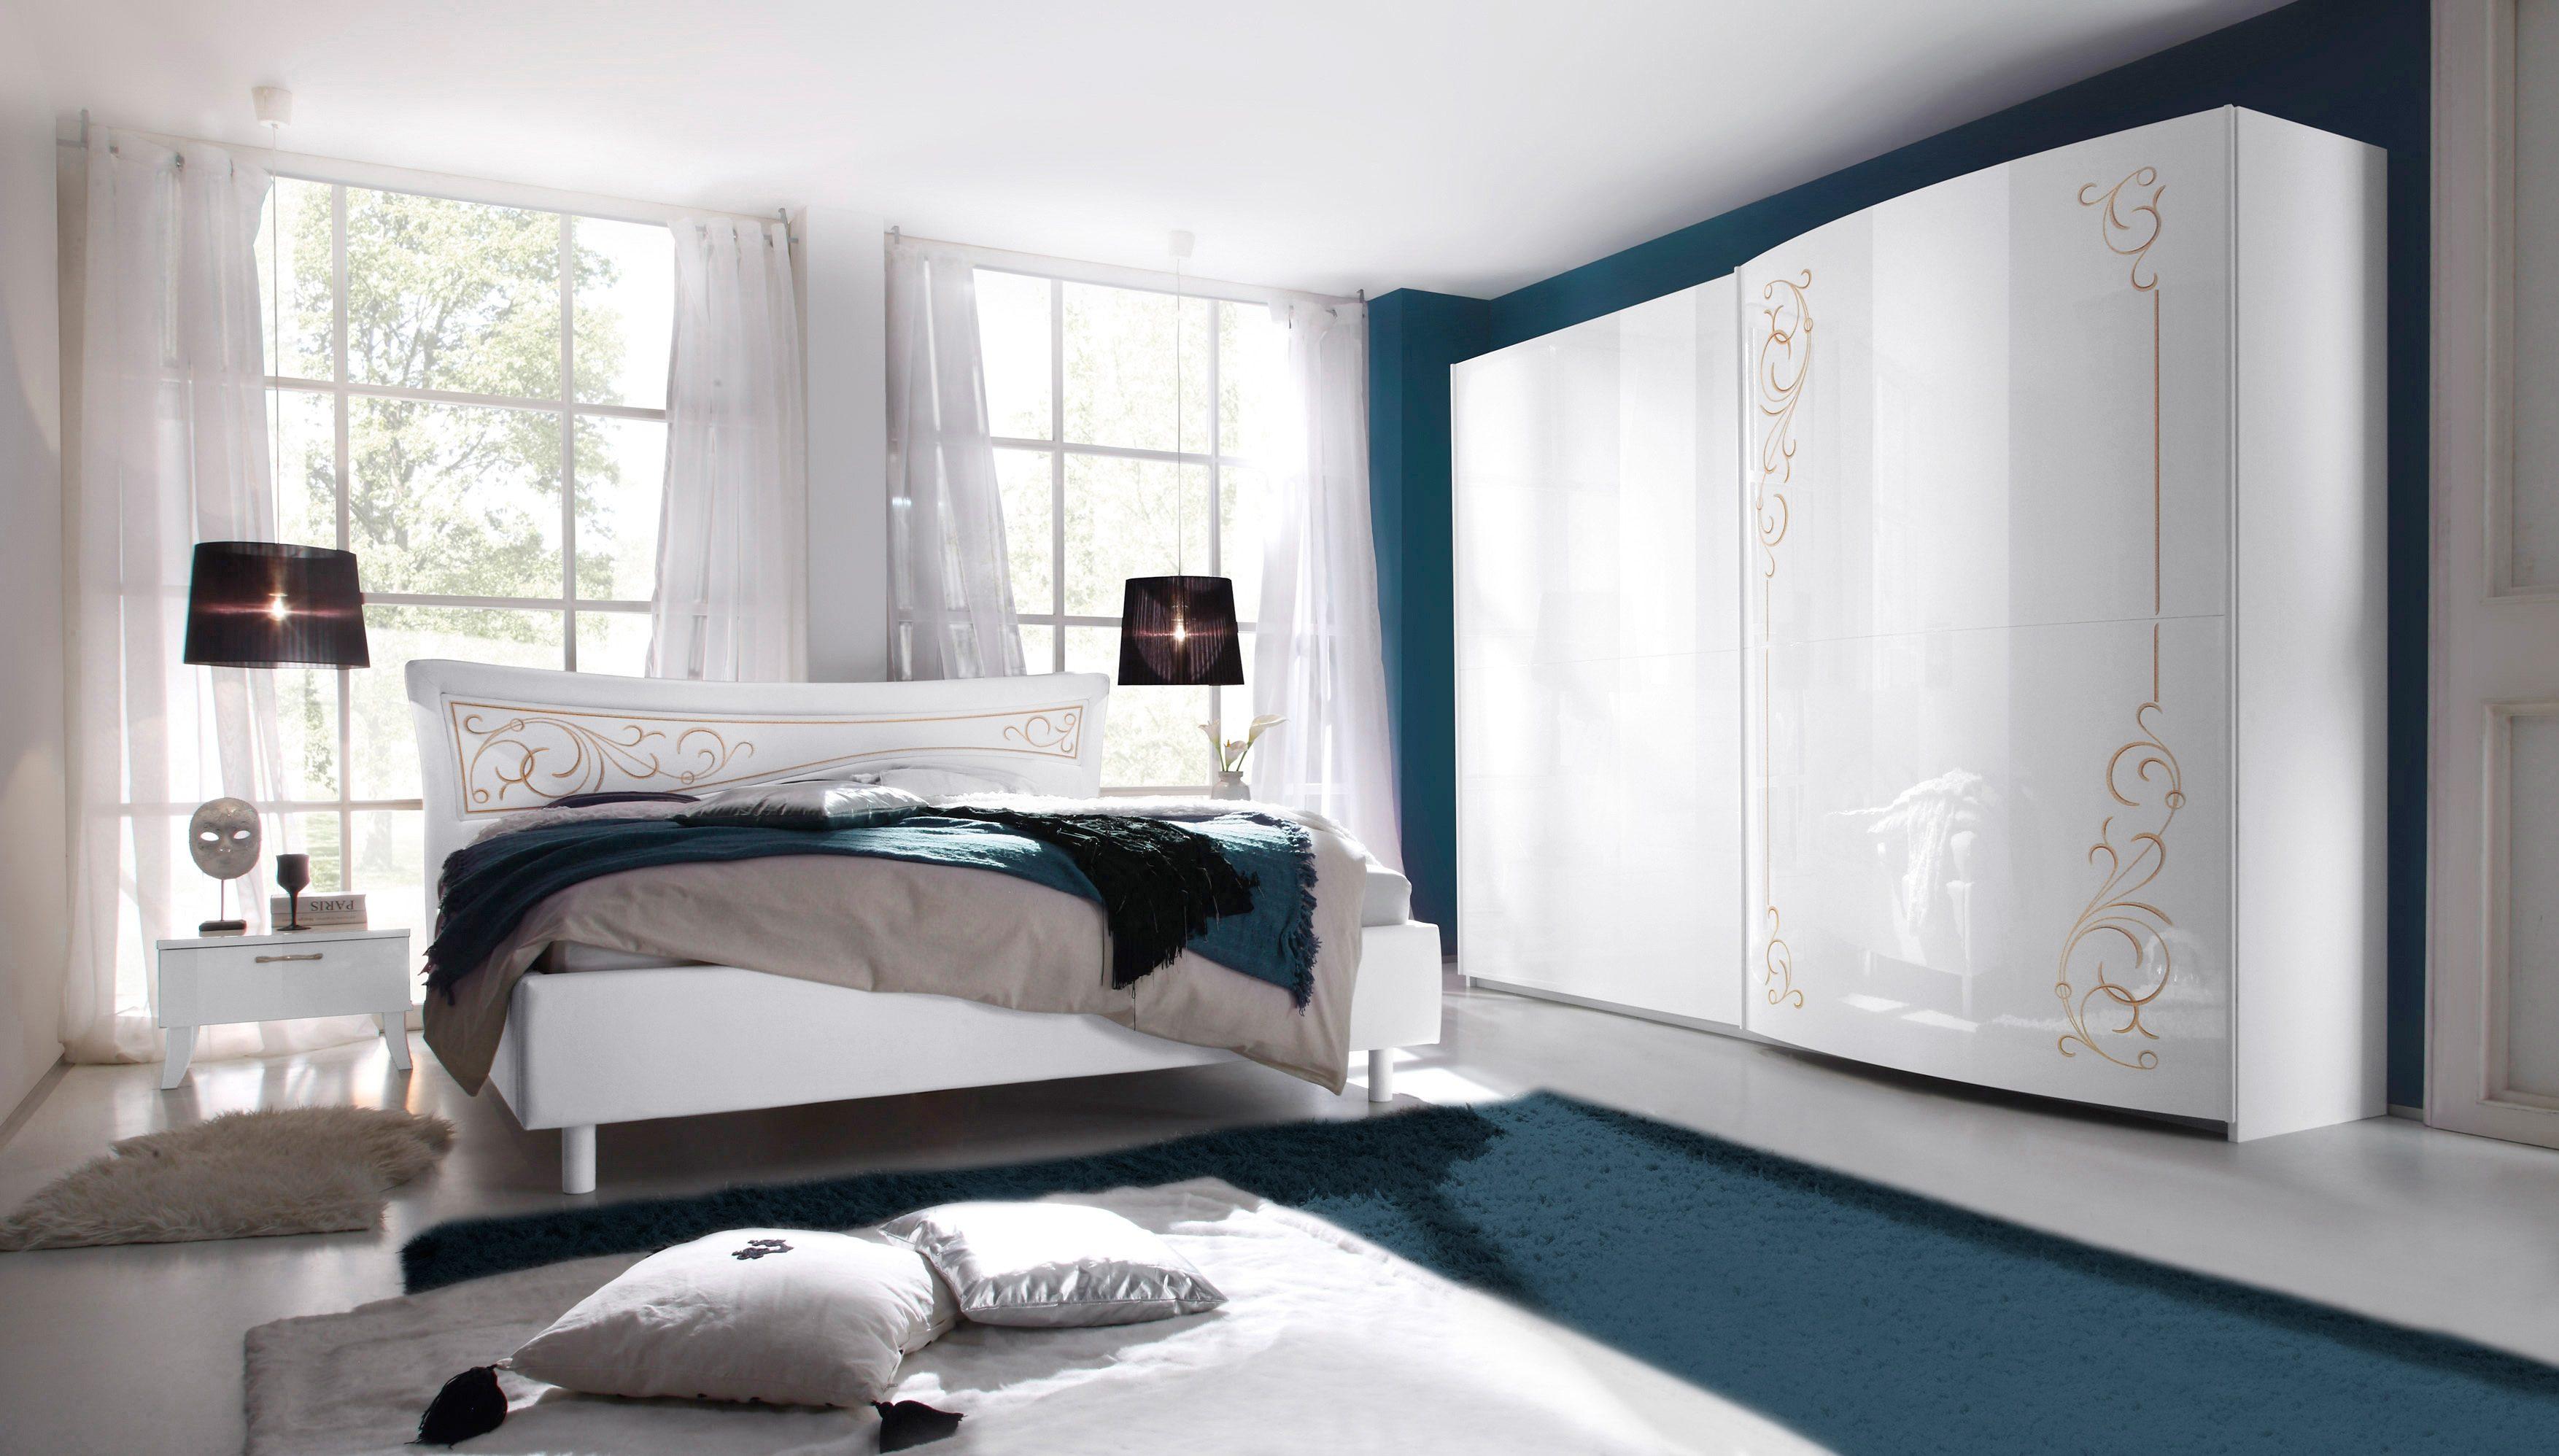 Lc komplett schlafzimmer online kaufen otto